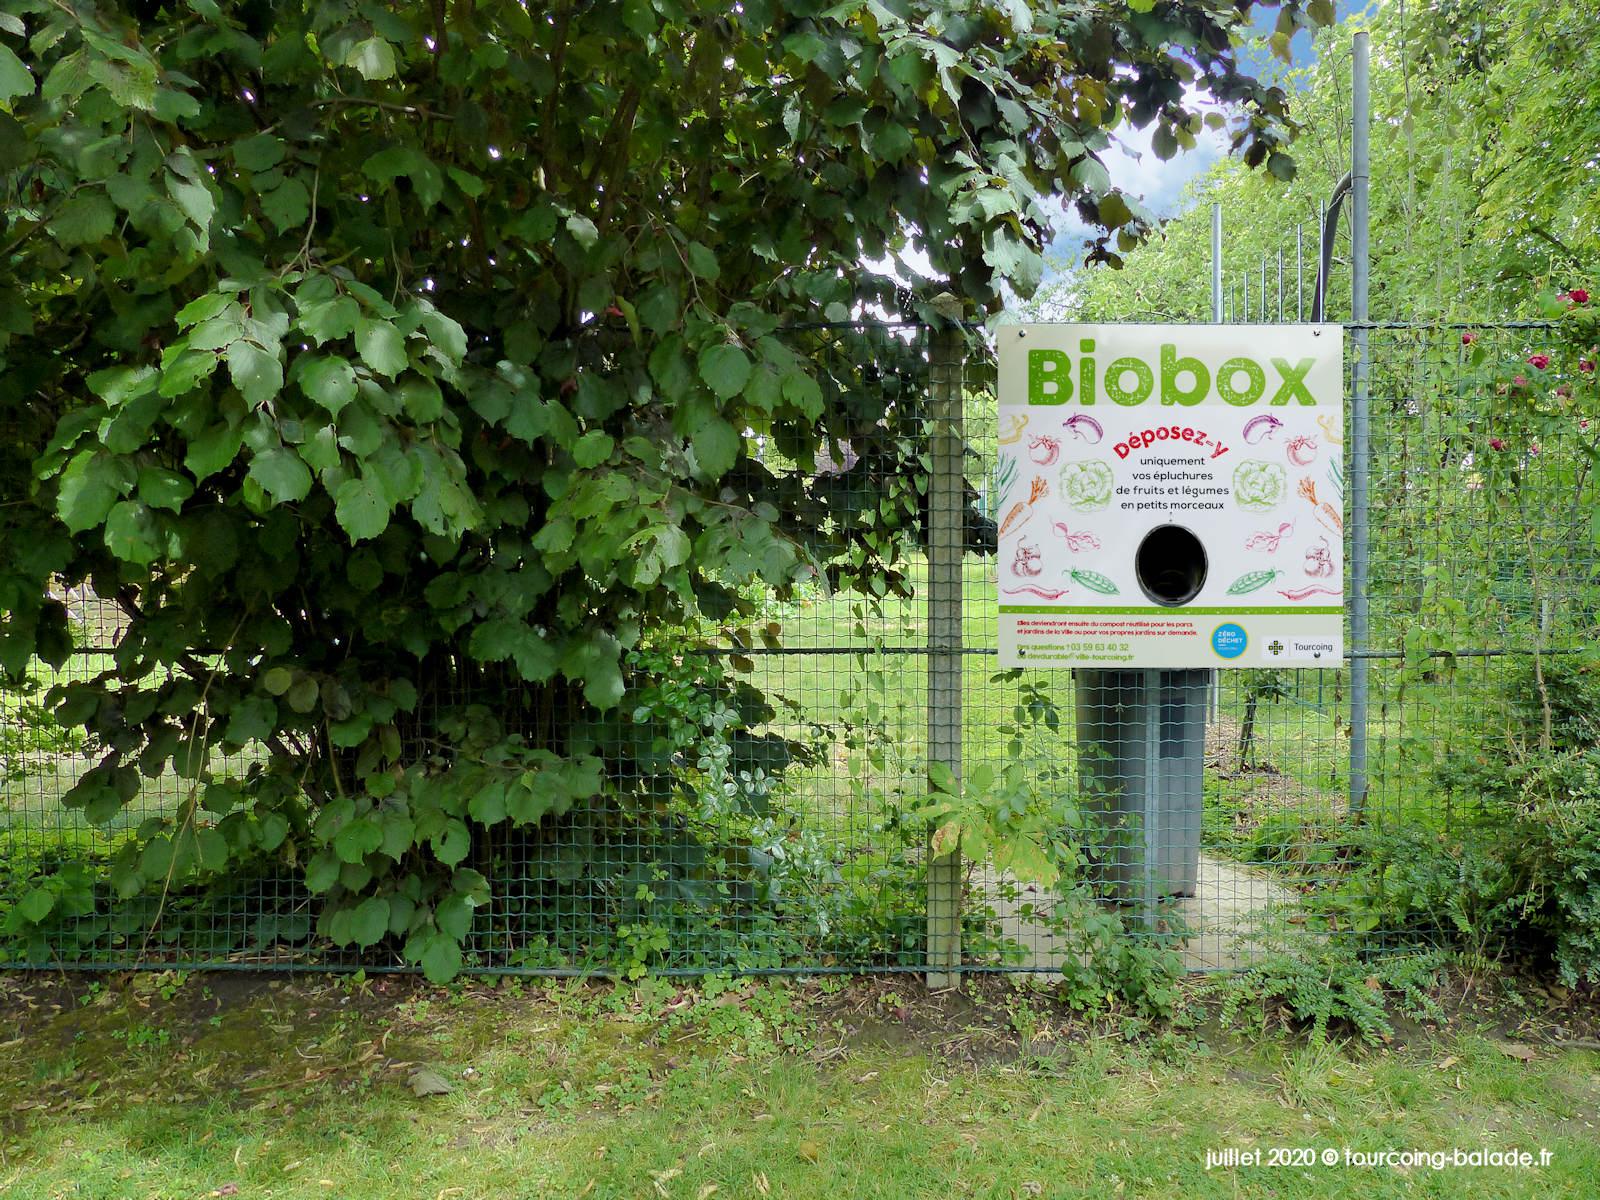 Biobox du Verger Municipal de Tourcoing, 2020